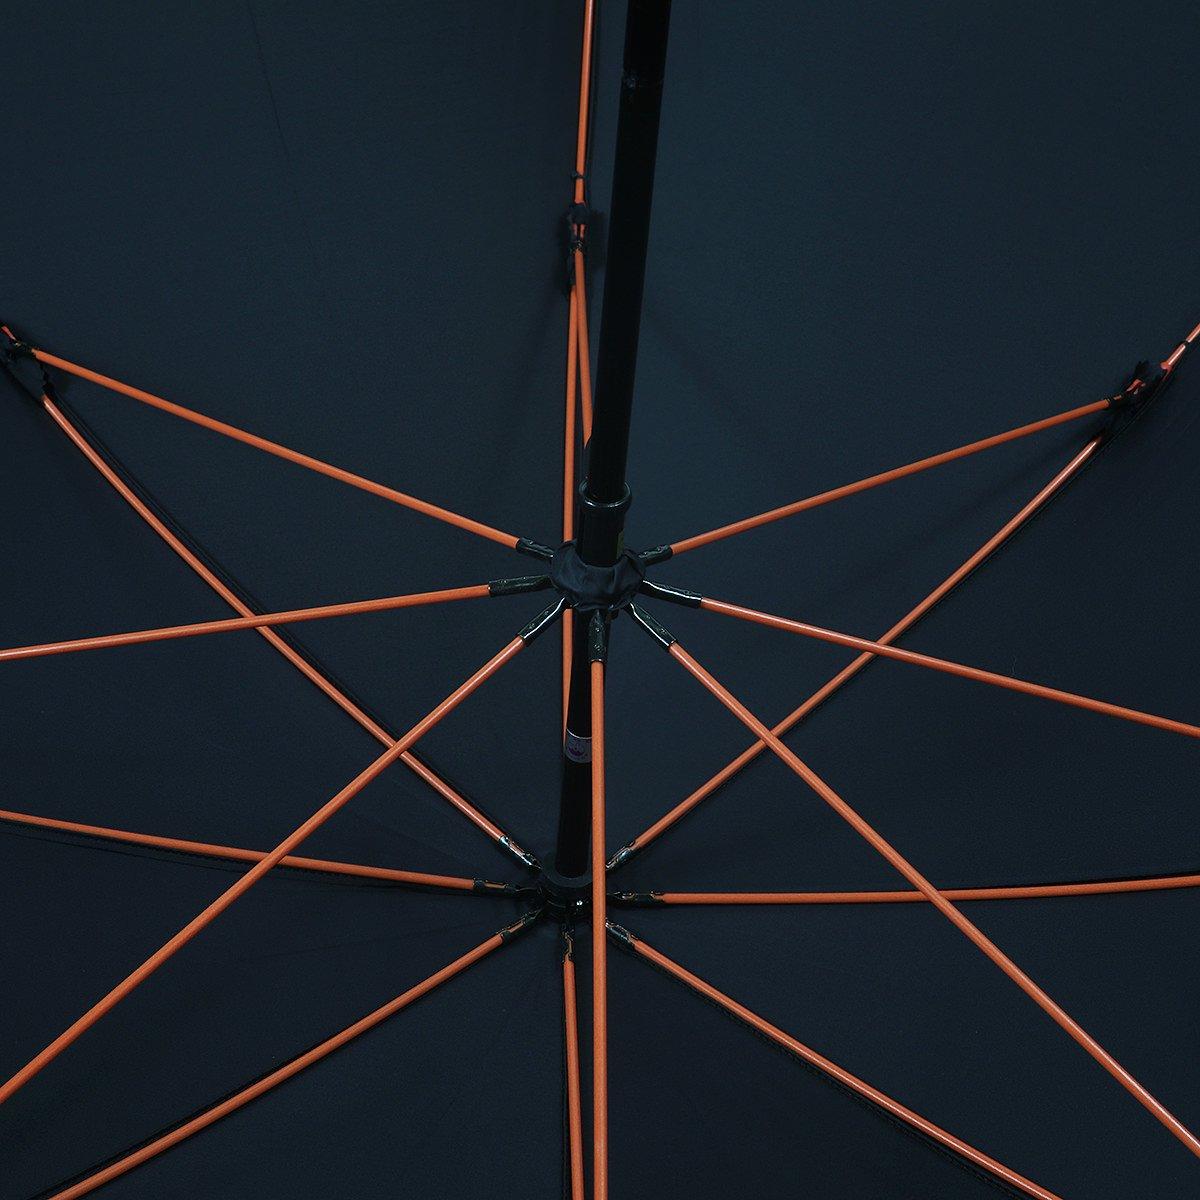 【公式限定】強力撥水 レインドロップ レクタス オレンジ骨 長傘 詳細画像5